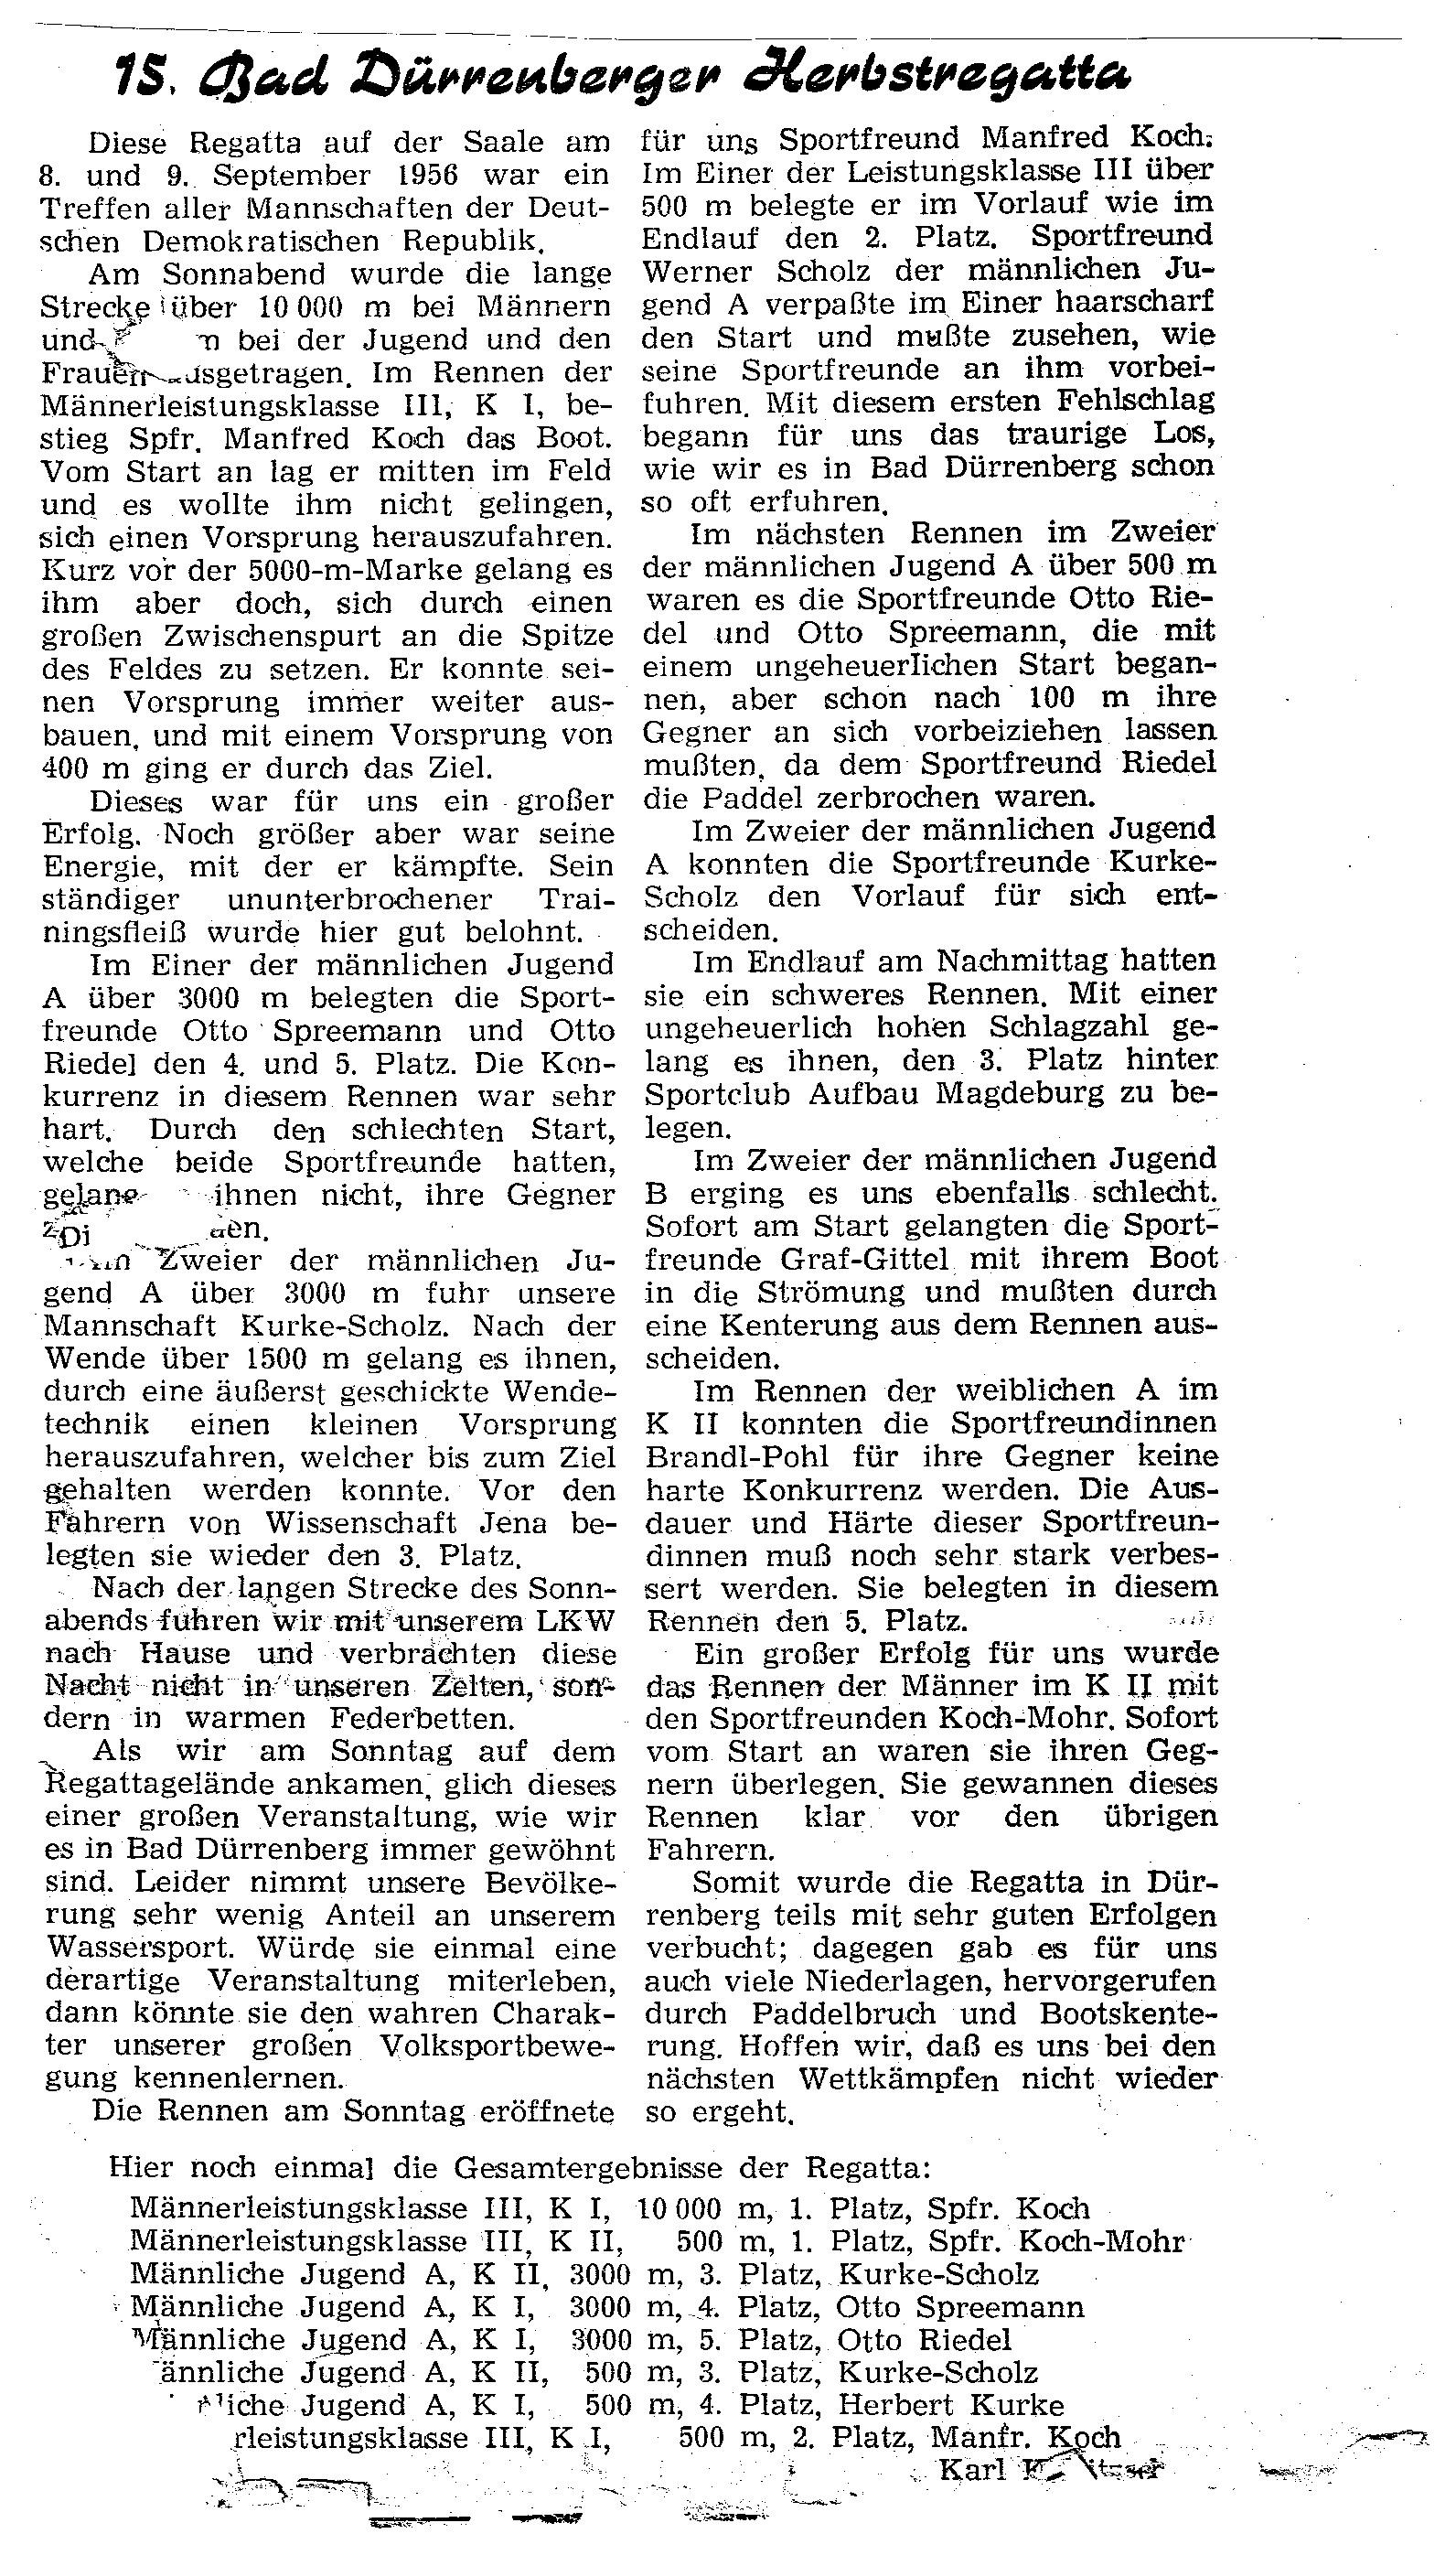 1956-09-09-15-bad-duerrenberger-herbstregatta